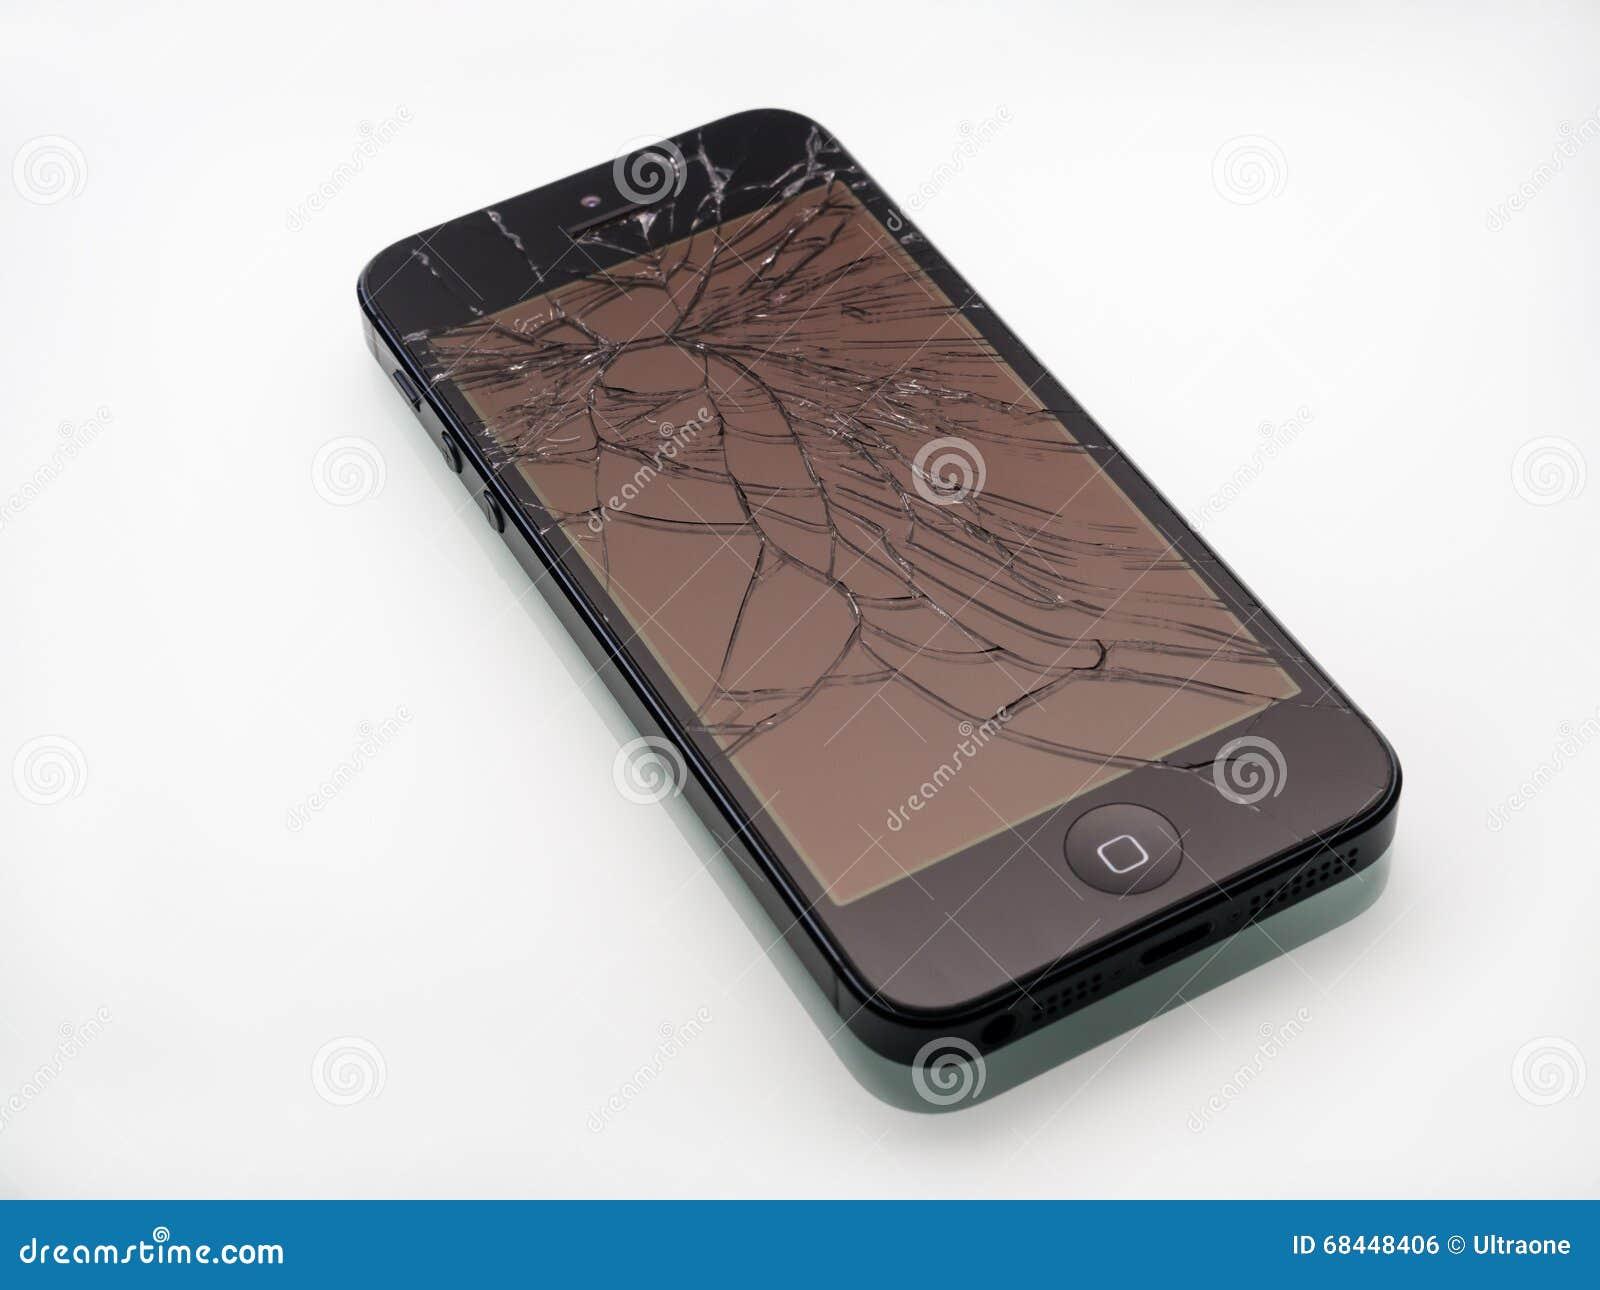 Broken iPhone with cracked screen